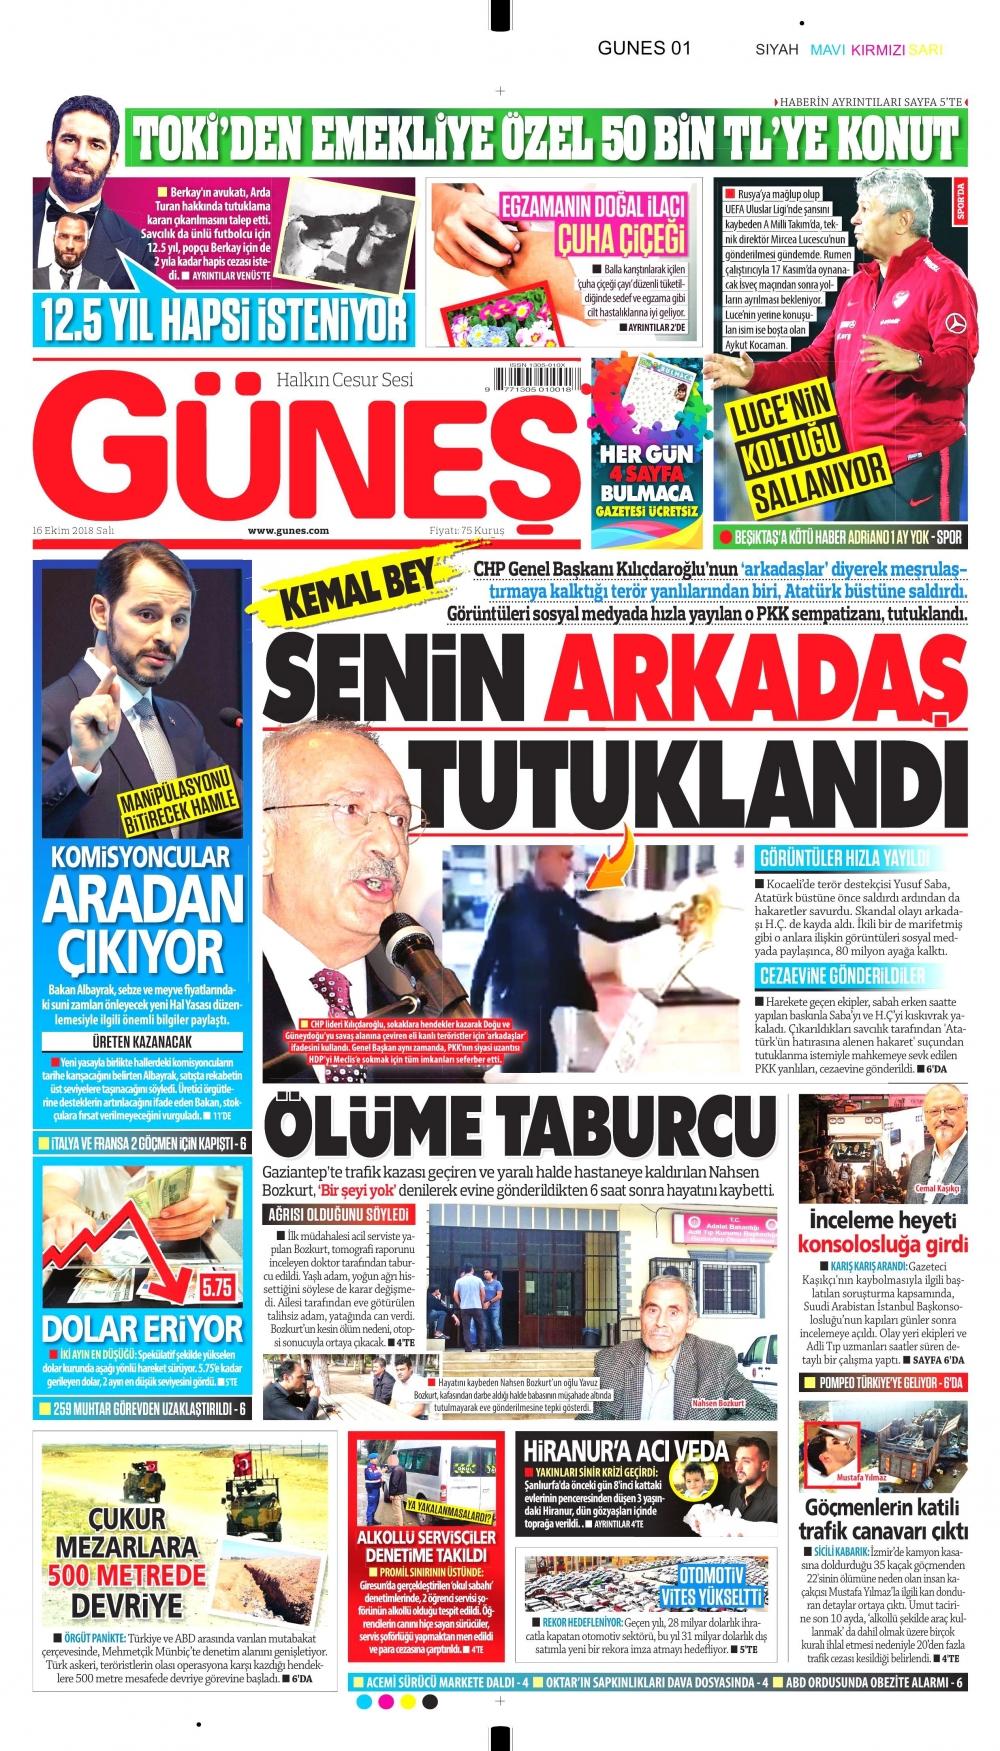 Gazeteler bugün ne yazdı? |16 Ekim 2018 gazete manşetleri foto galerisi 1.  resim